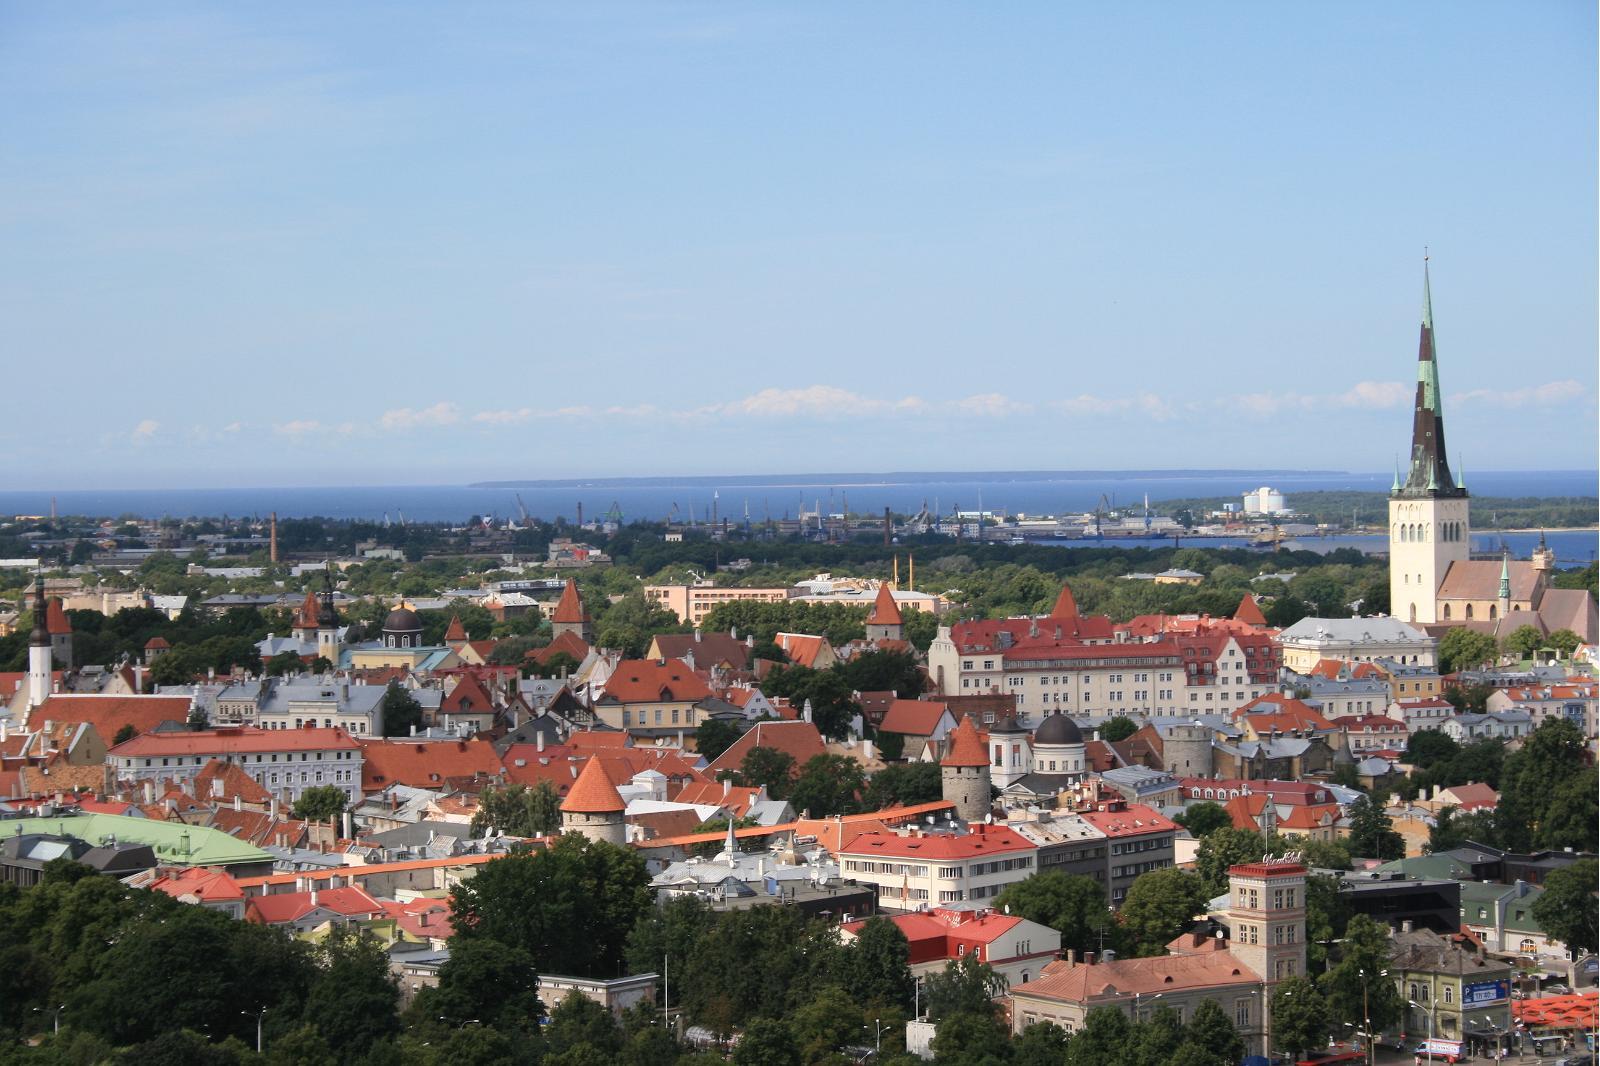 Панорамный вид на церковь Олевисте в Таллине